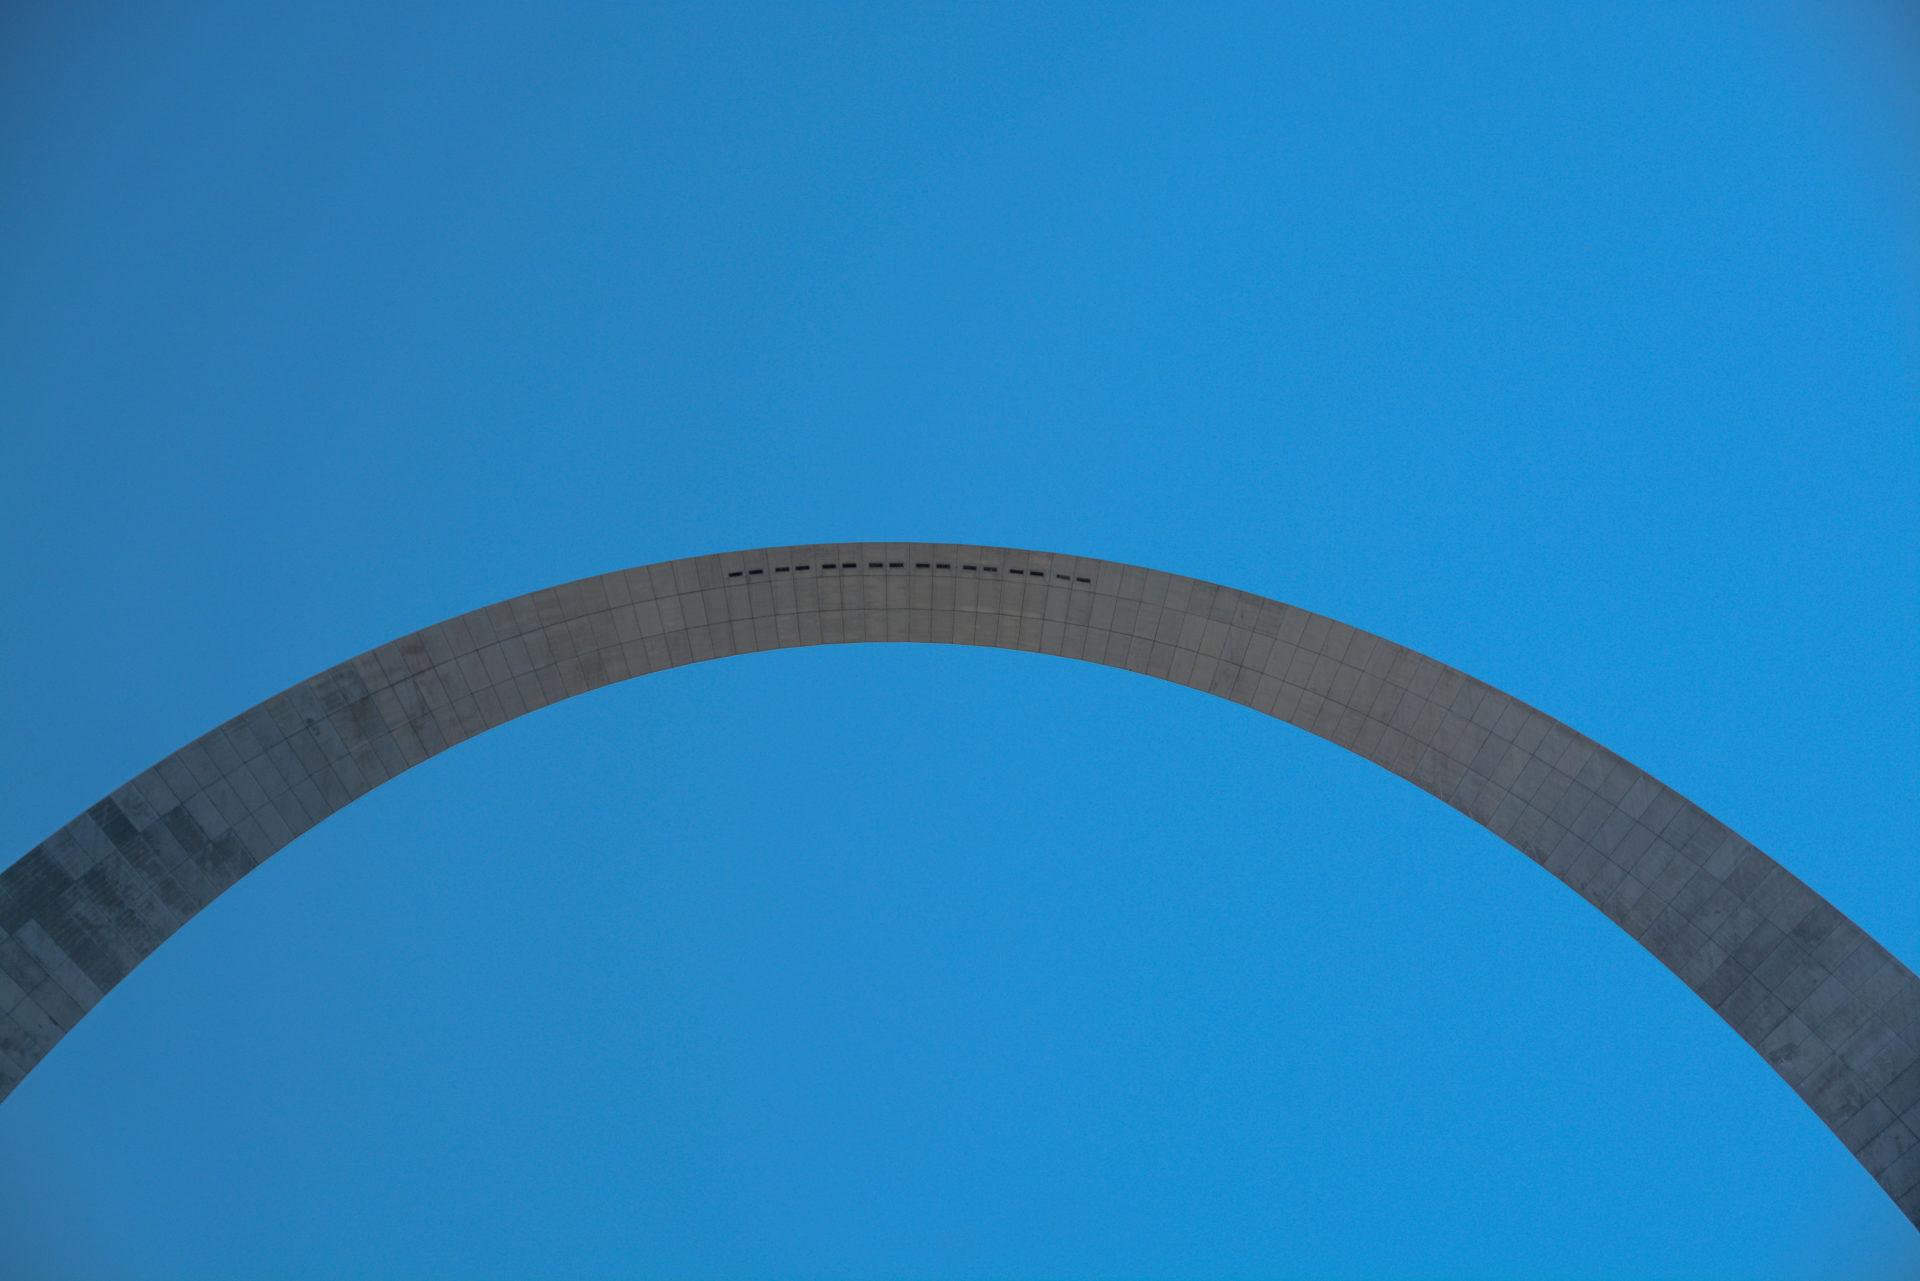 Fensterscheiben im Gateway Arch, einer Ikone des Midcentury Modern